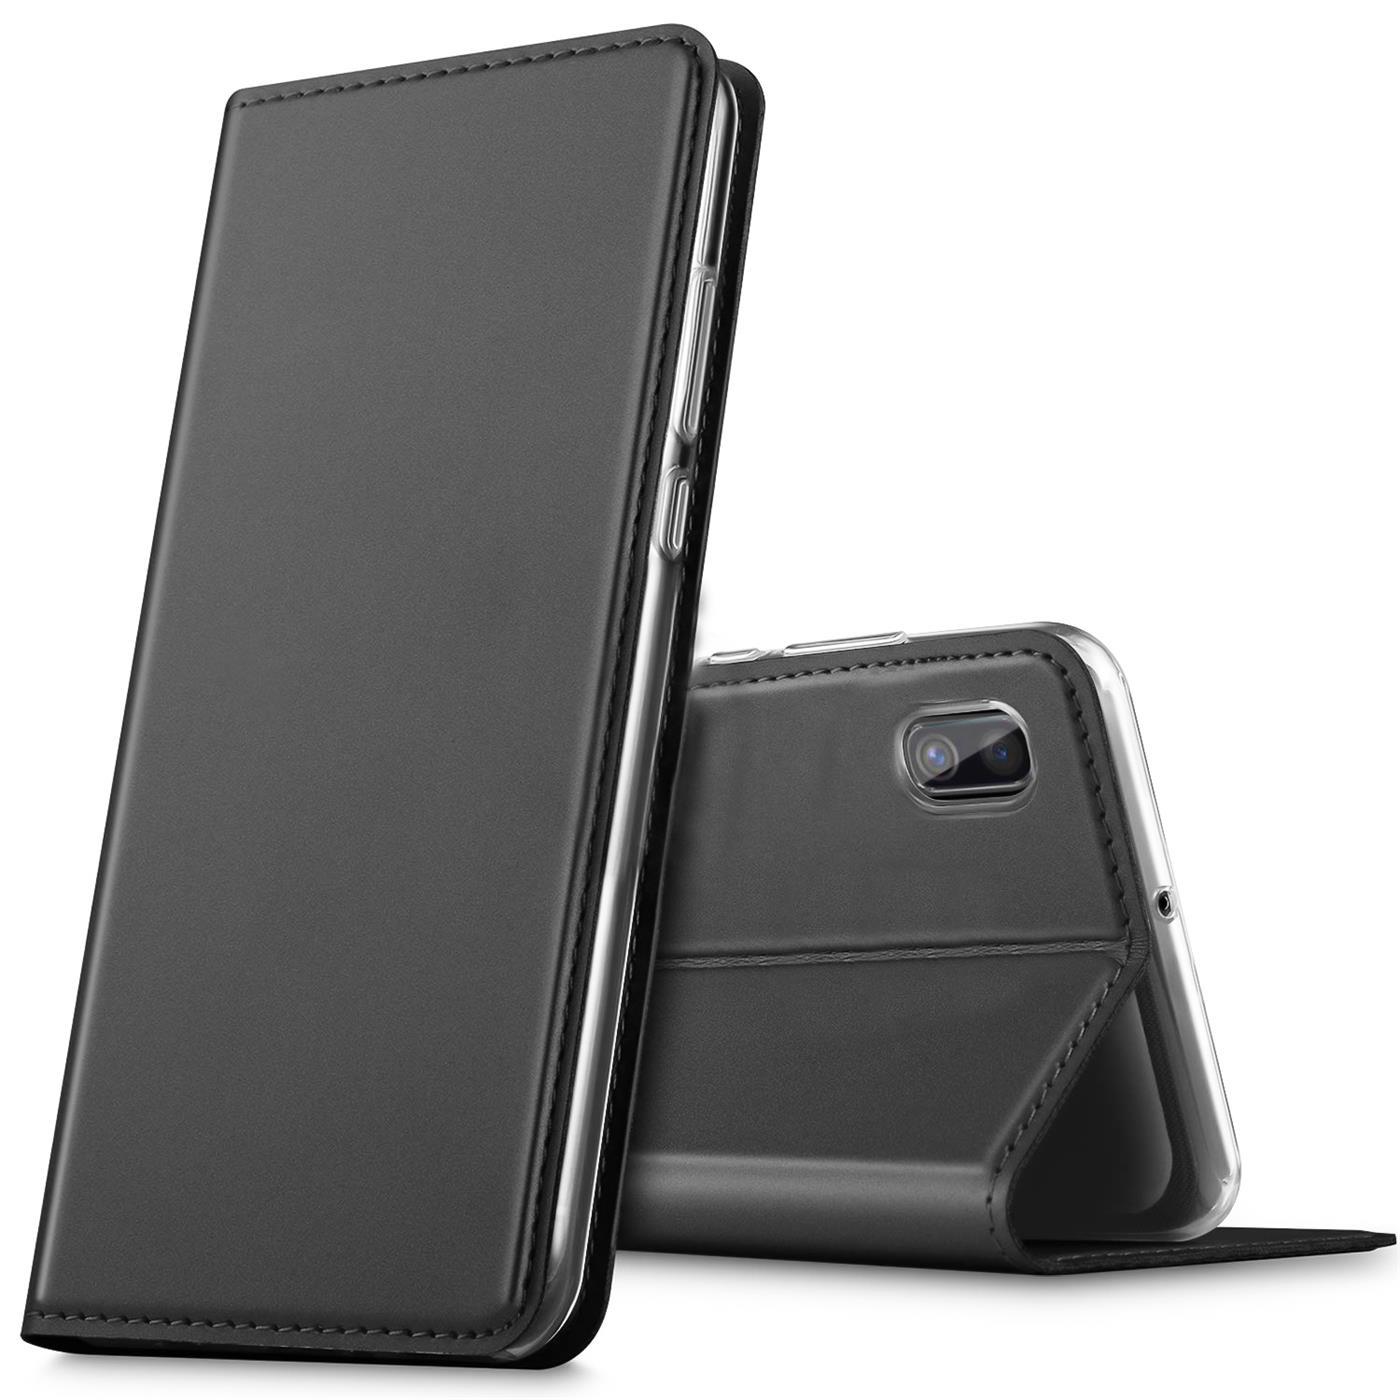 Samsung-Galaxy-A10-Handy-Schutz-Huelle-Tasche-Flip-Case-Klapphuelle-Schutzhuelle Indexbild 8